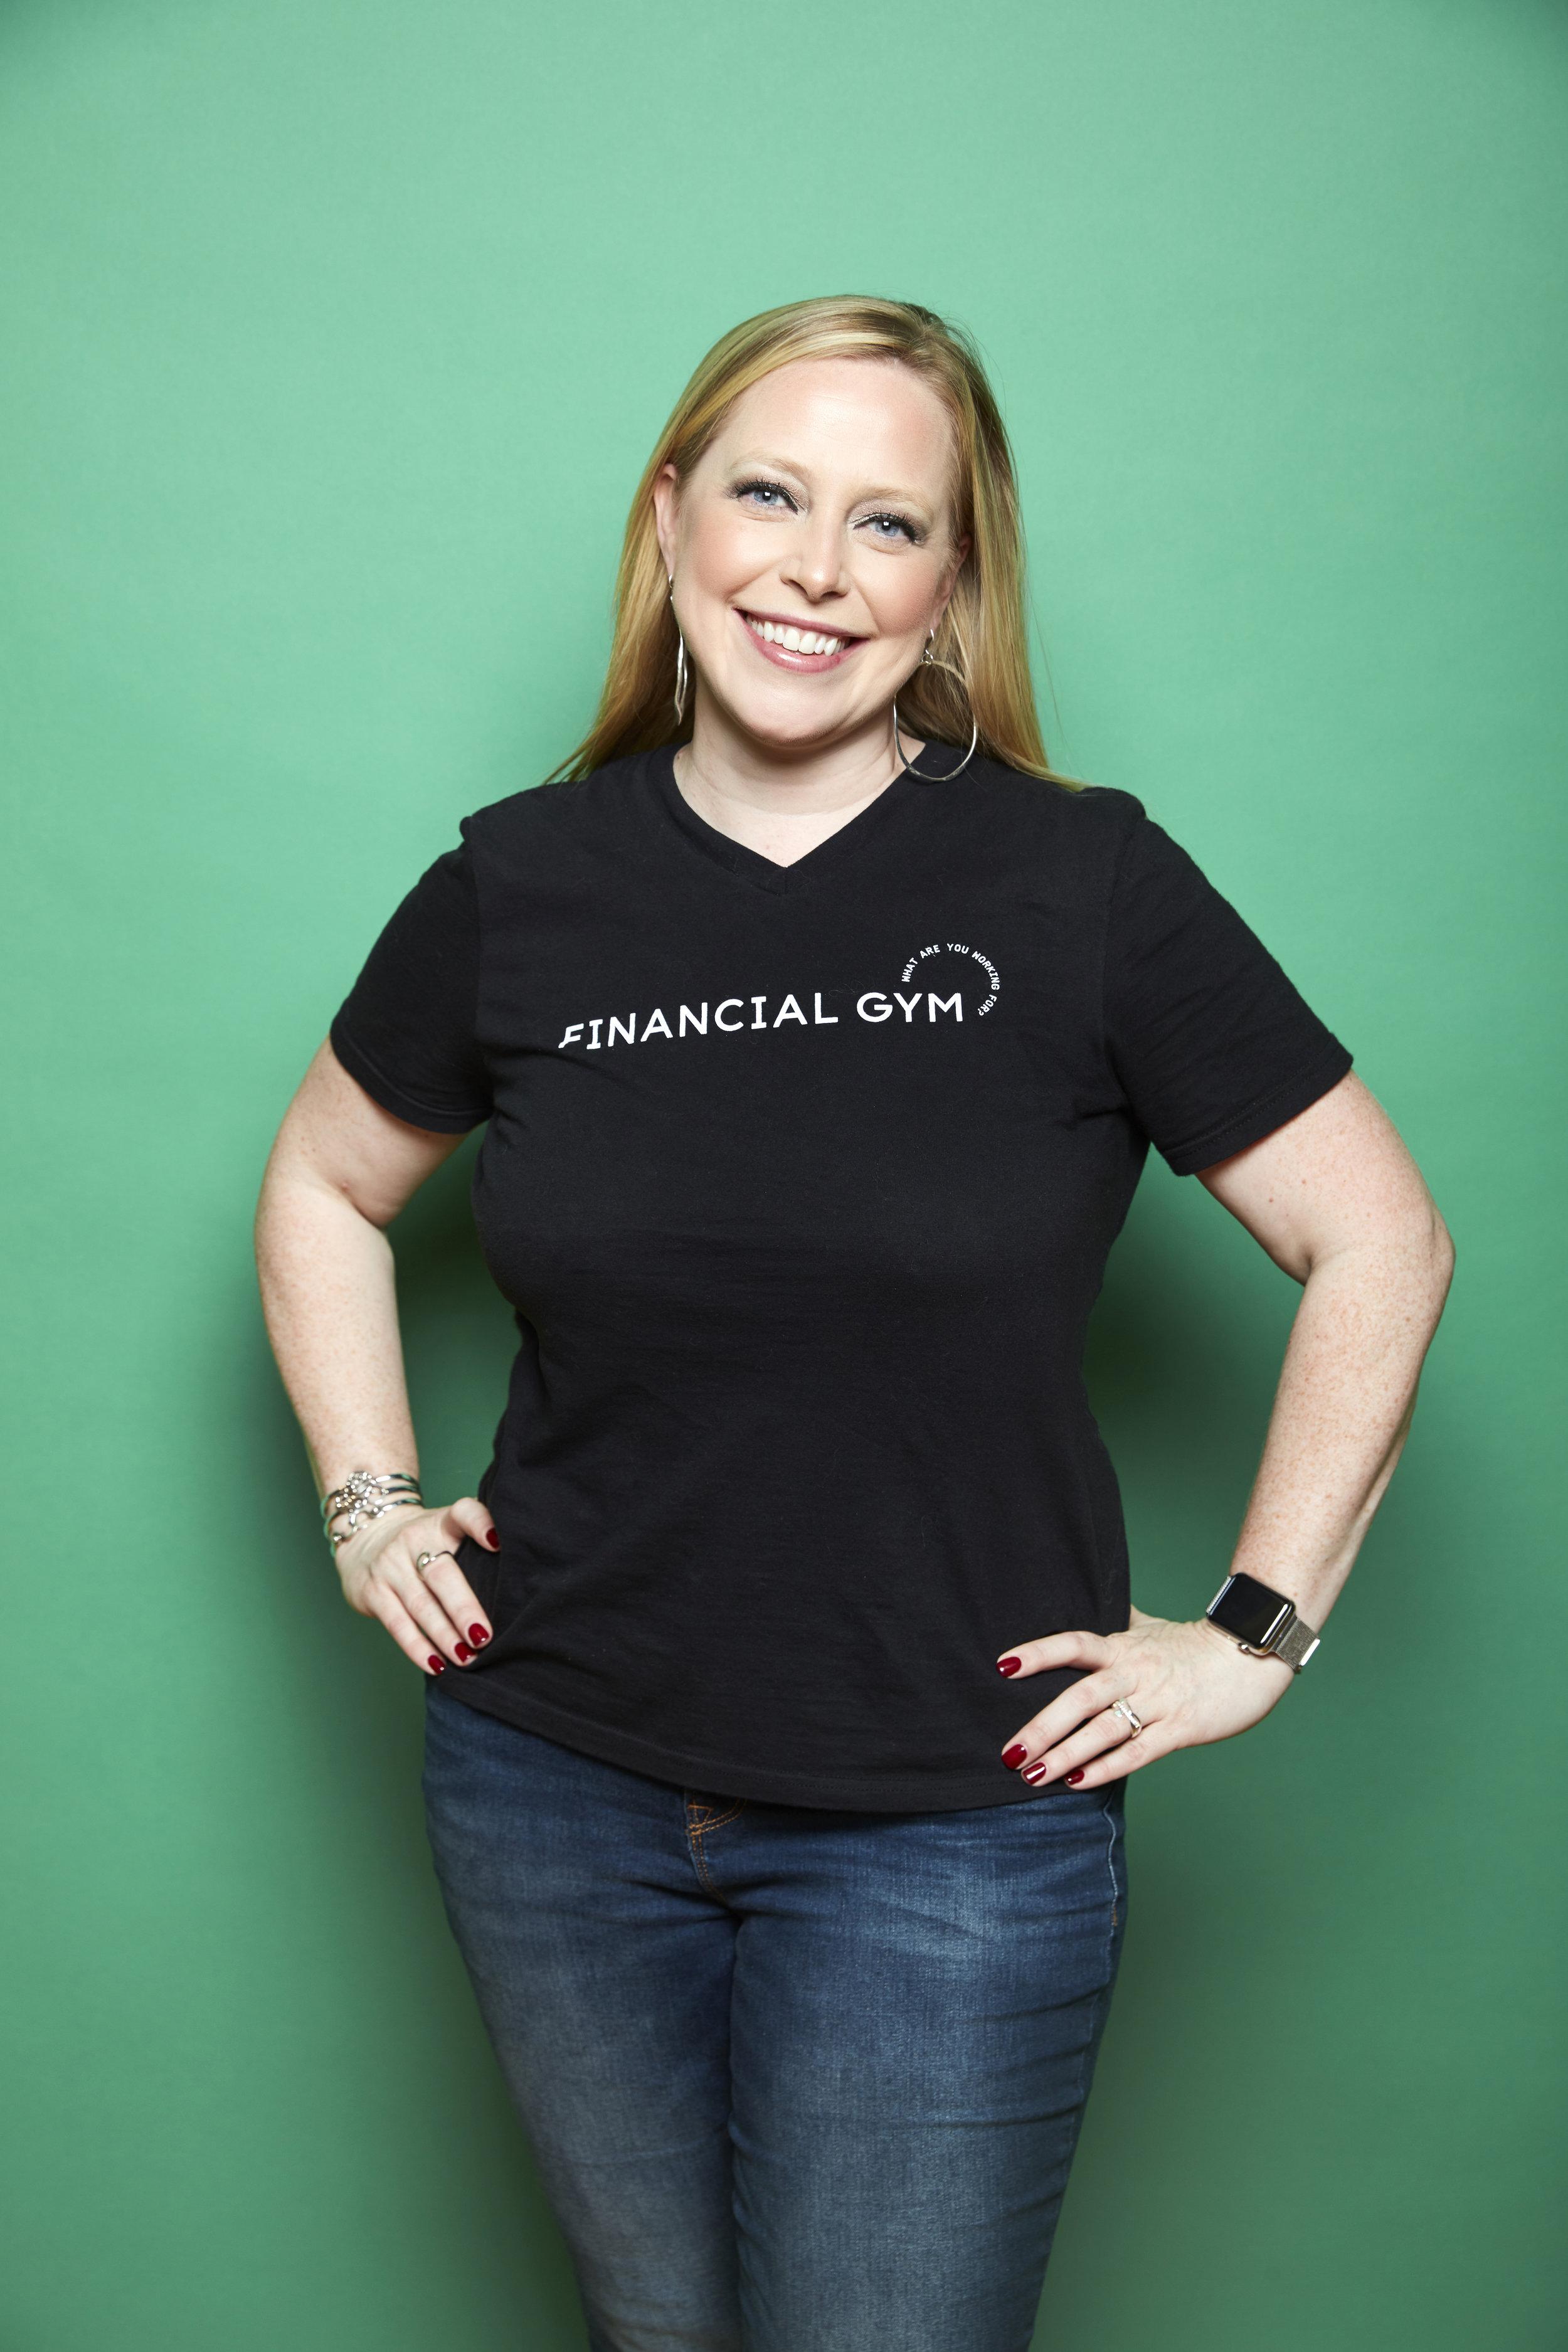 shannon-mclay-ceo-founder-financial-gym.jpg